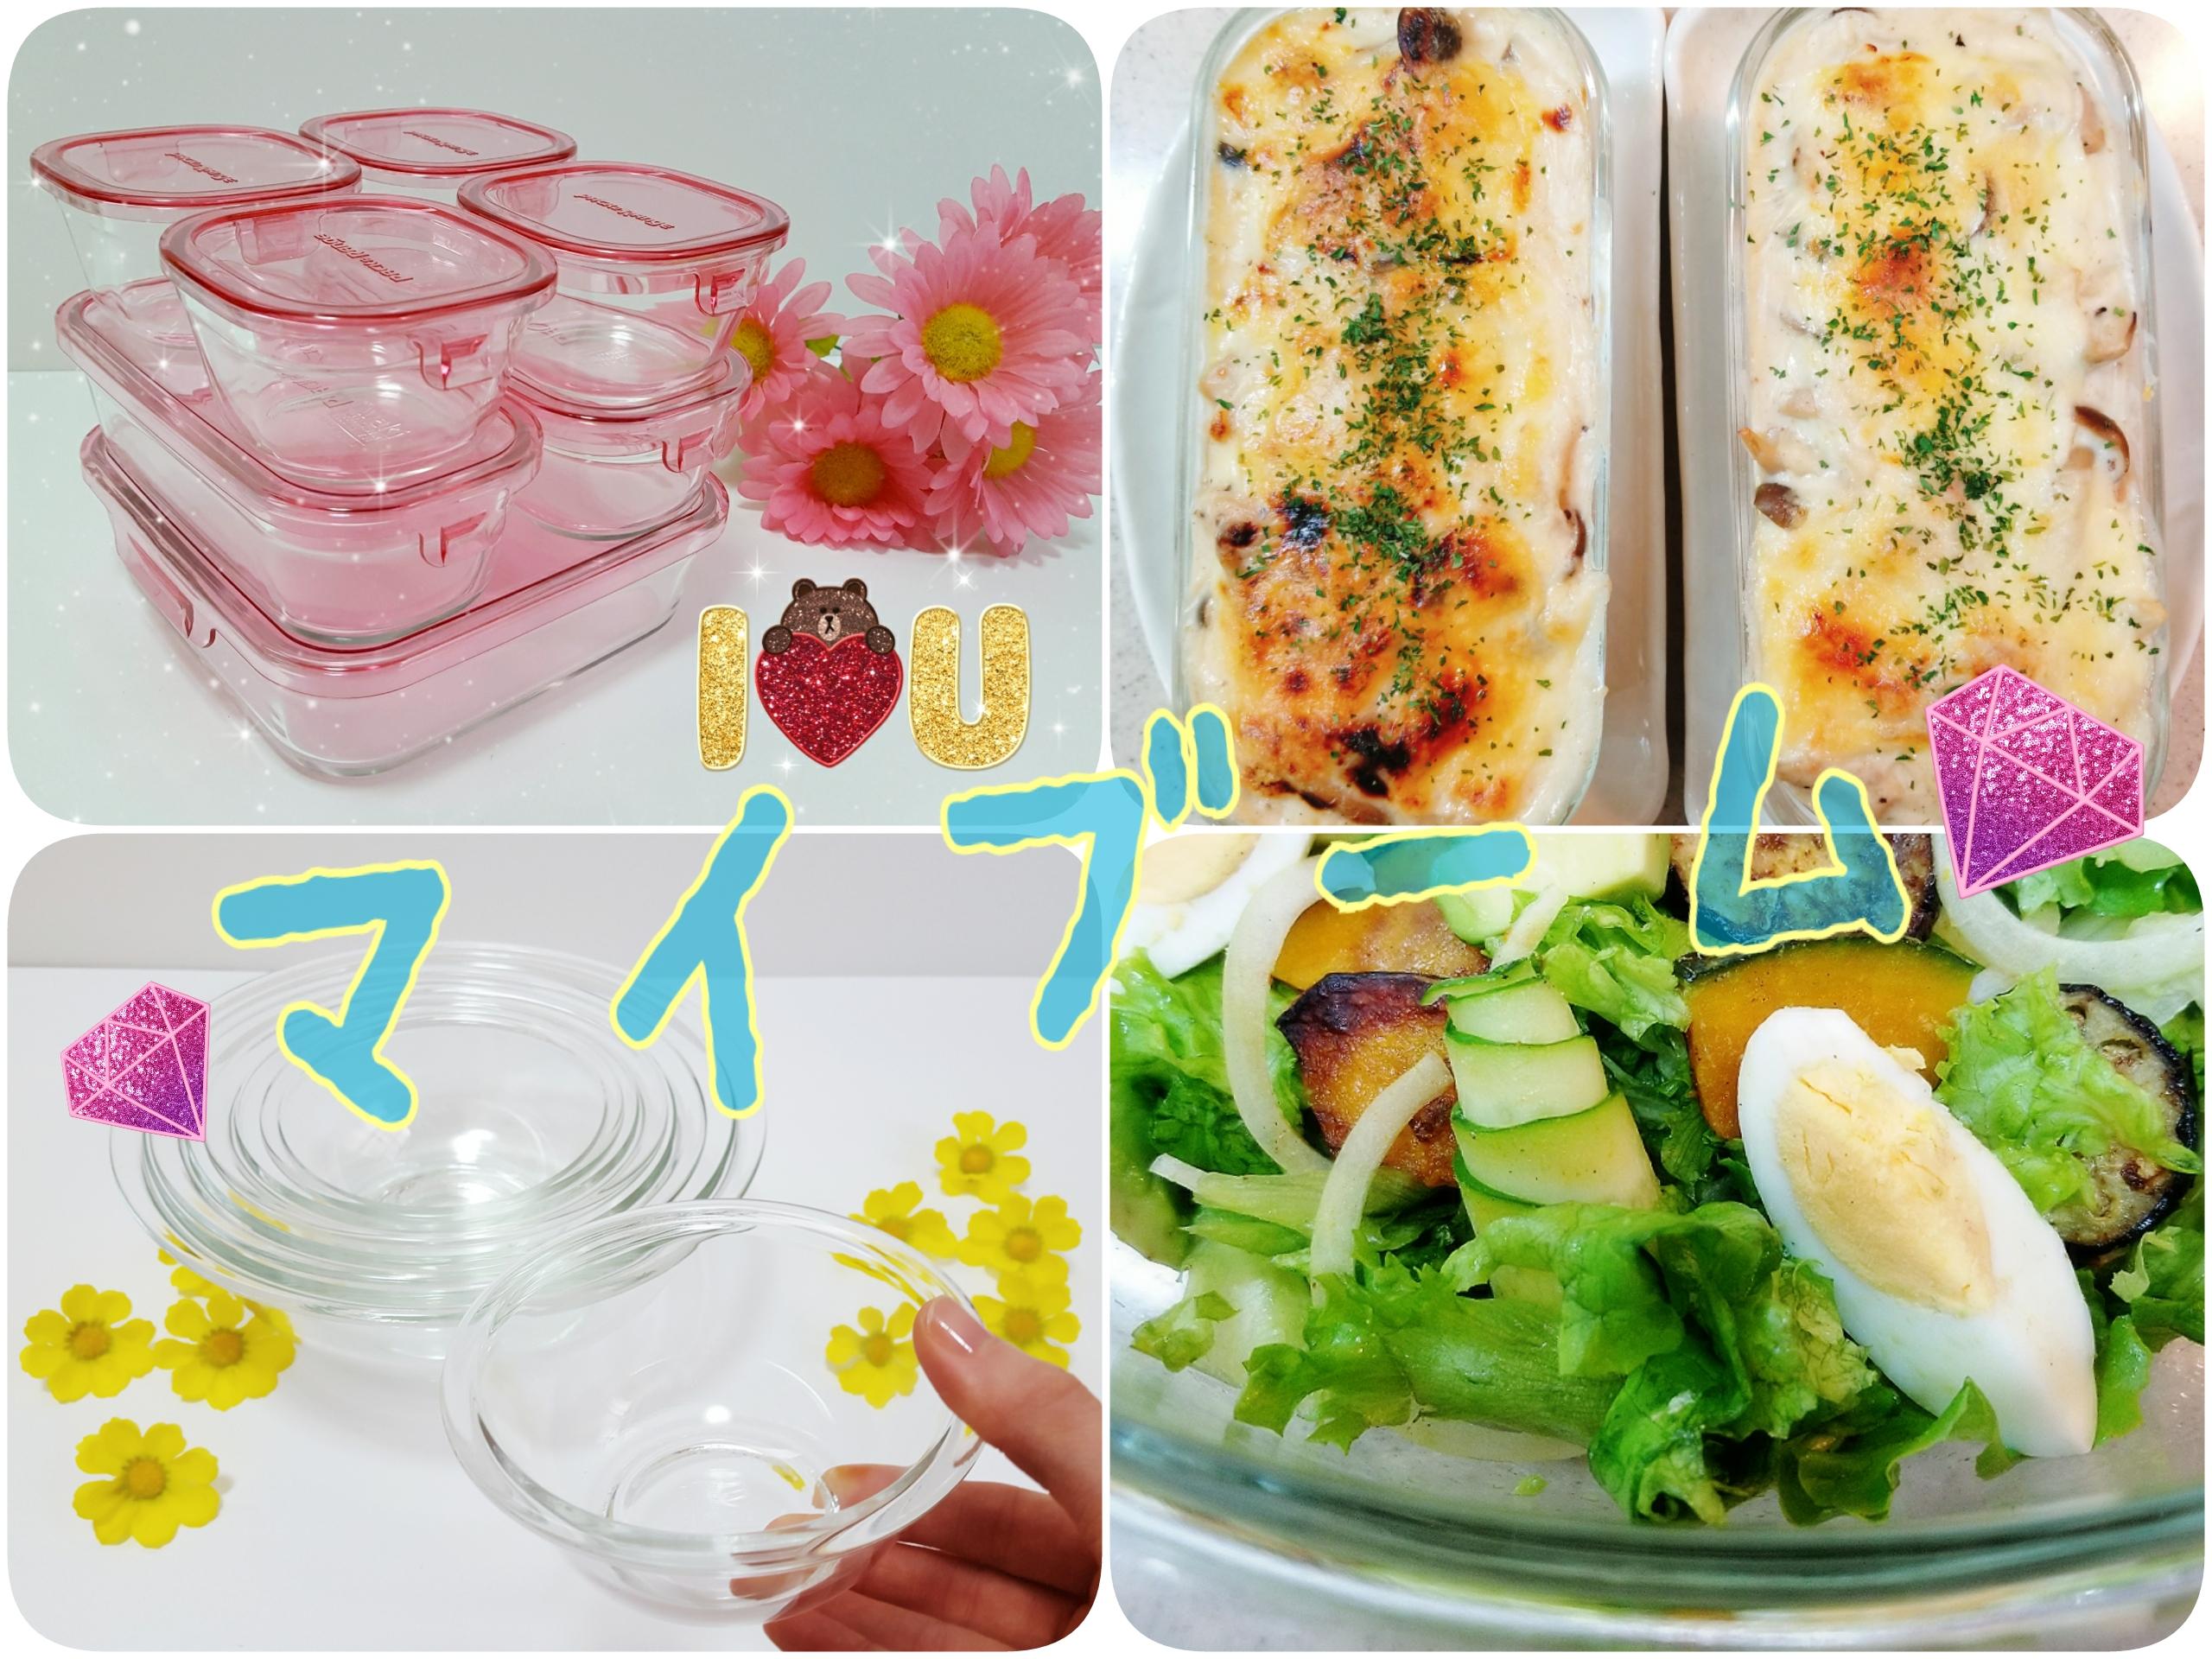 マイブーム❤️全てが楽しい耐熱ガラス食器